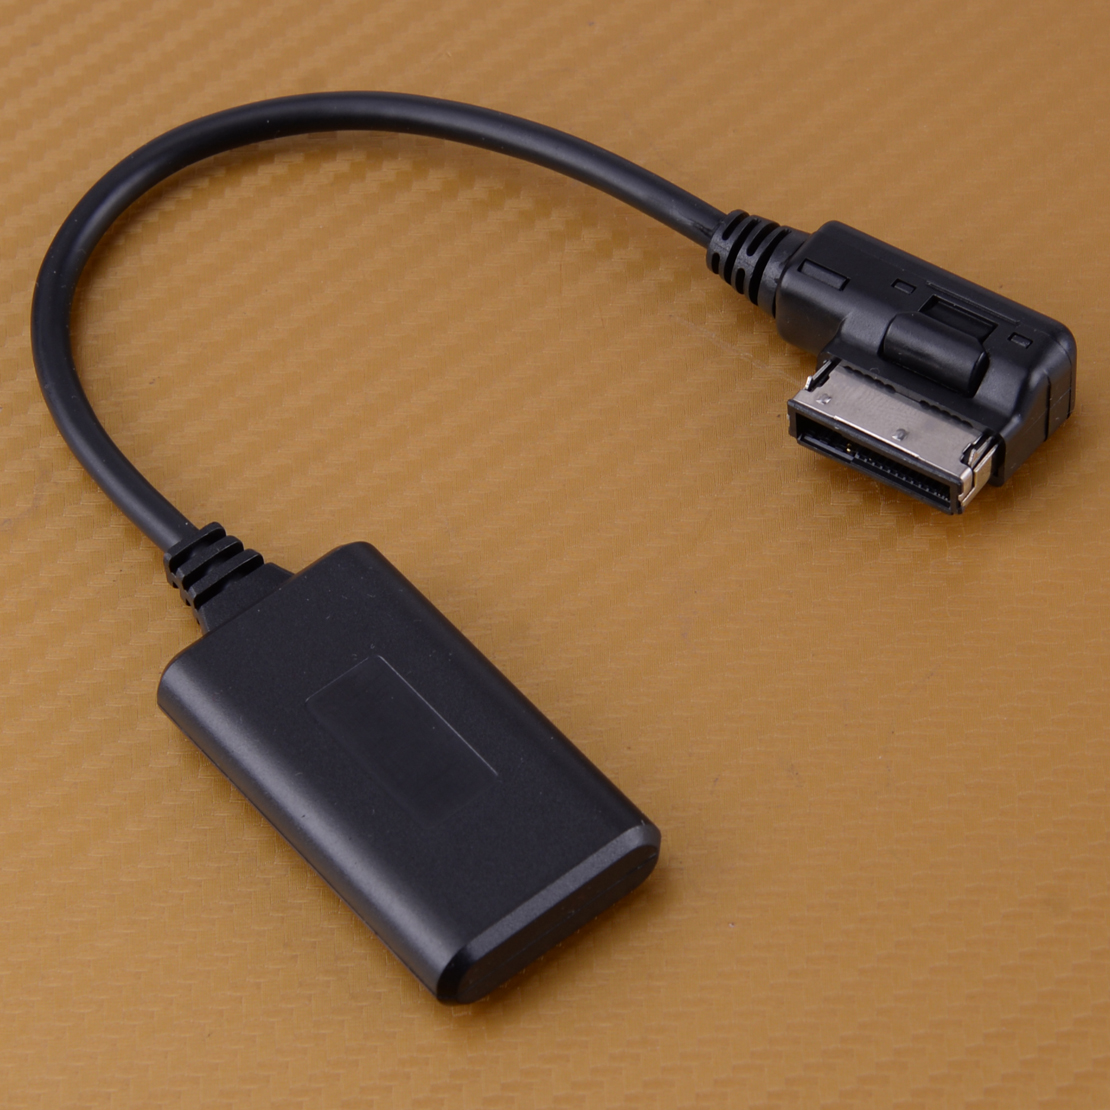 Câble récepteur Aux Radio Audio USB pour AMI MMI Interface Bluetooth adaptateur bâton sans fil adapté pour Audi Q5 A5 A7 S5 Q7 A4 A6 A8